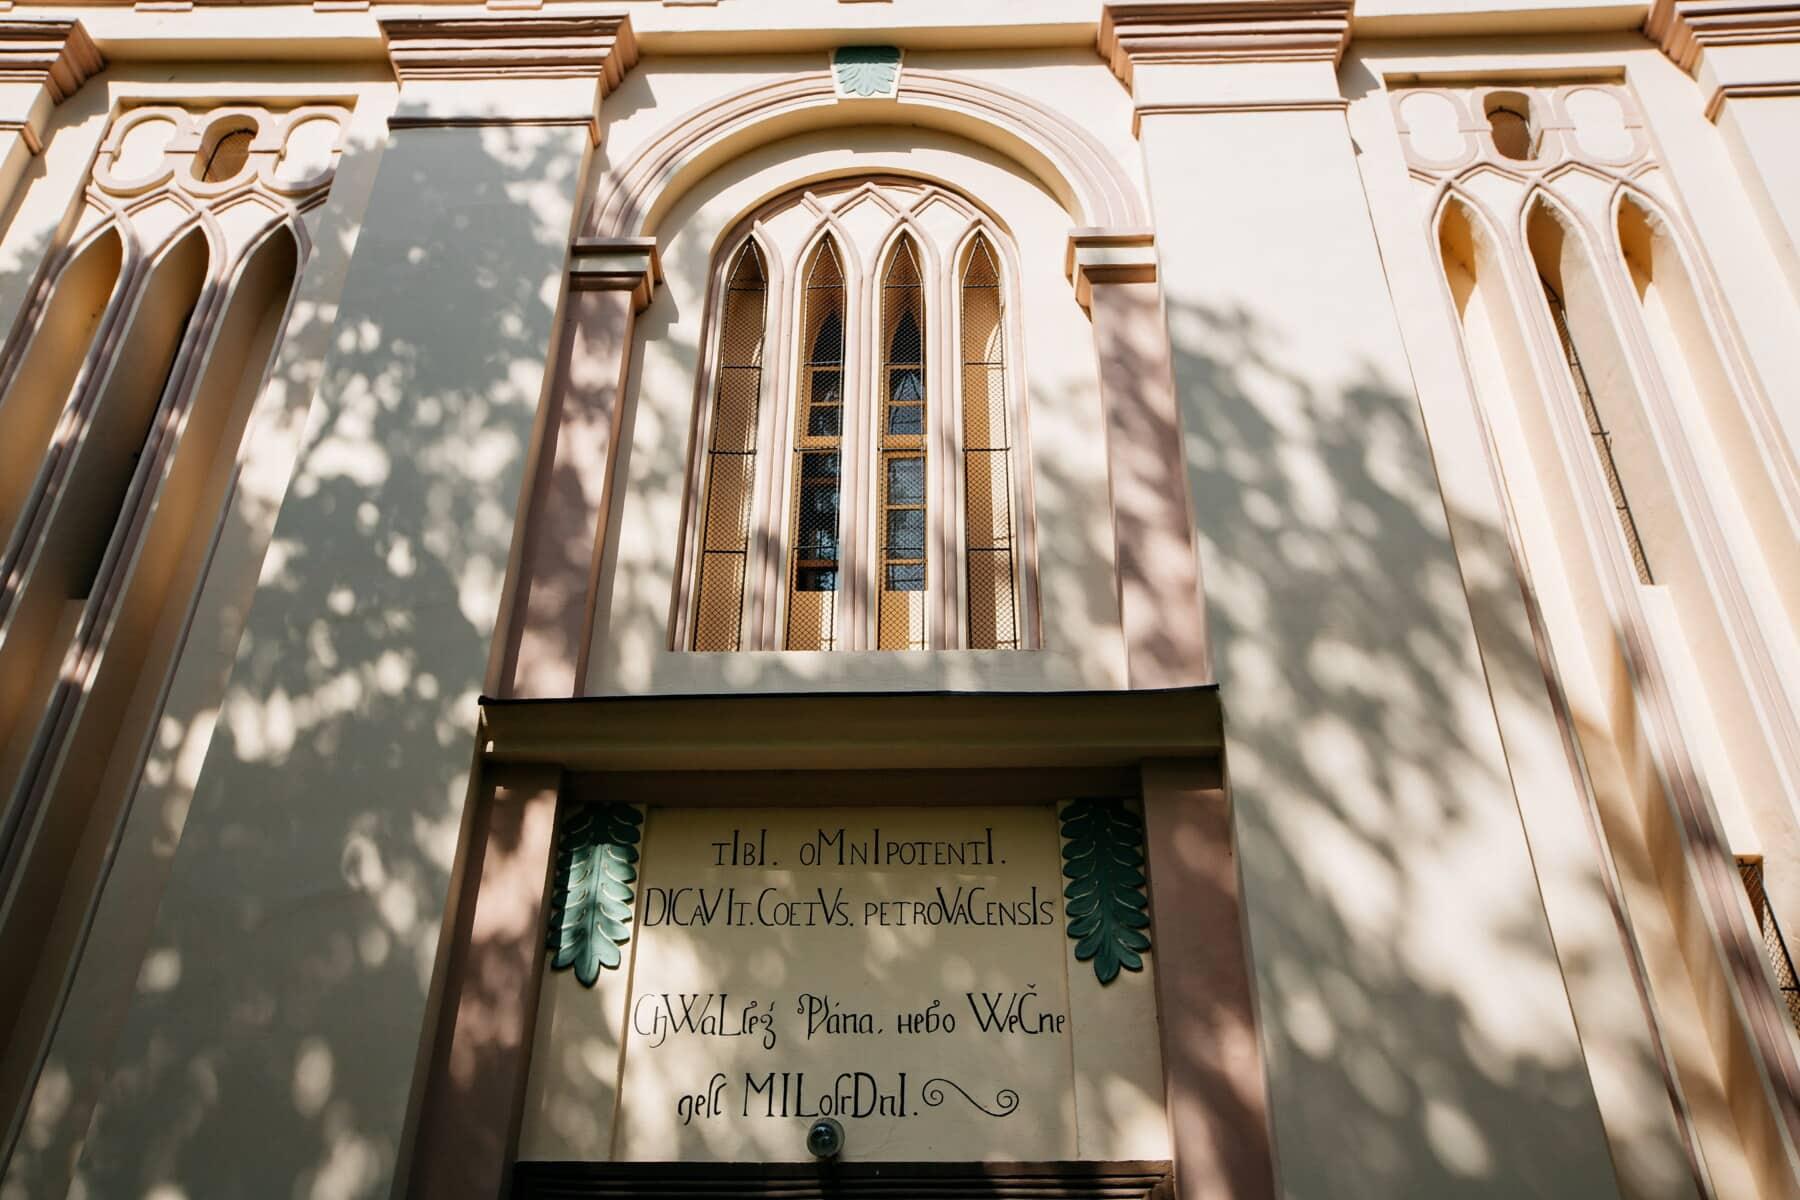 cathédrale, arches, façade, signe, mur, fenêtre, bâtiment, église, architecture, vieux